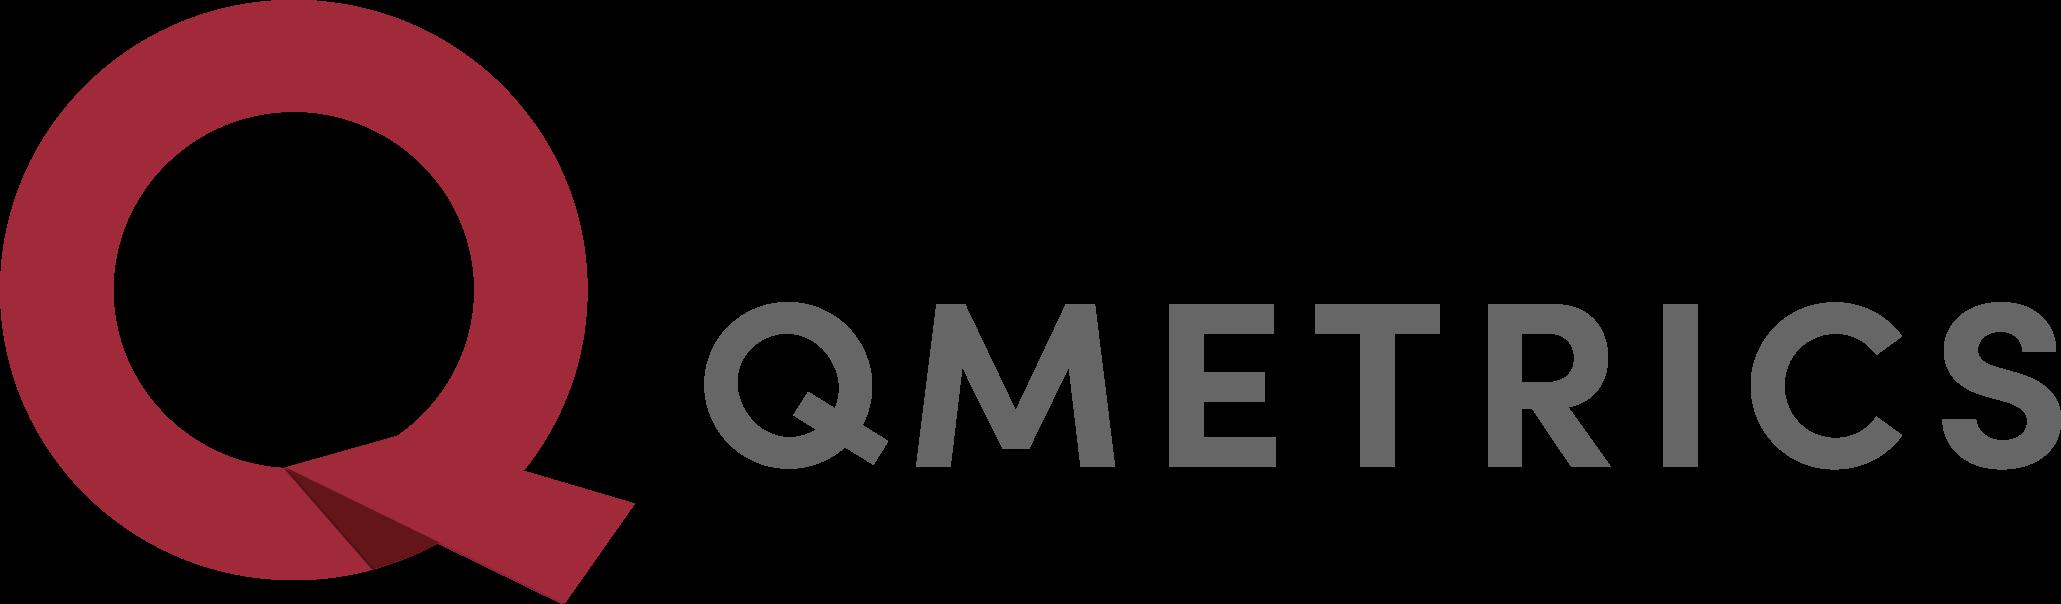 Qmetrics